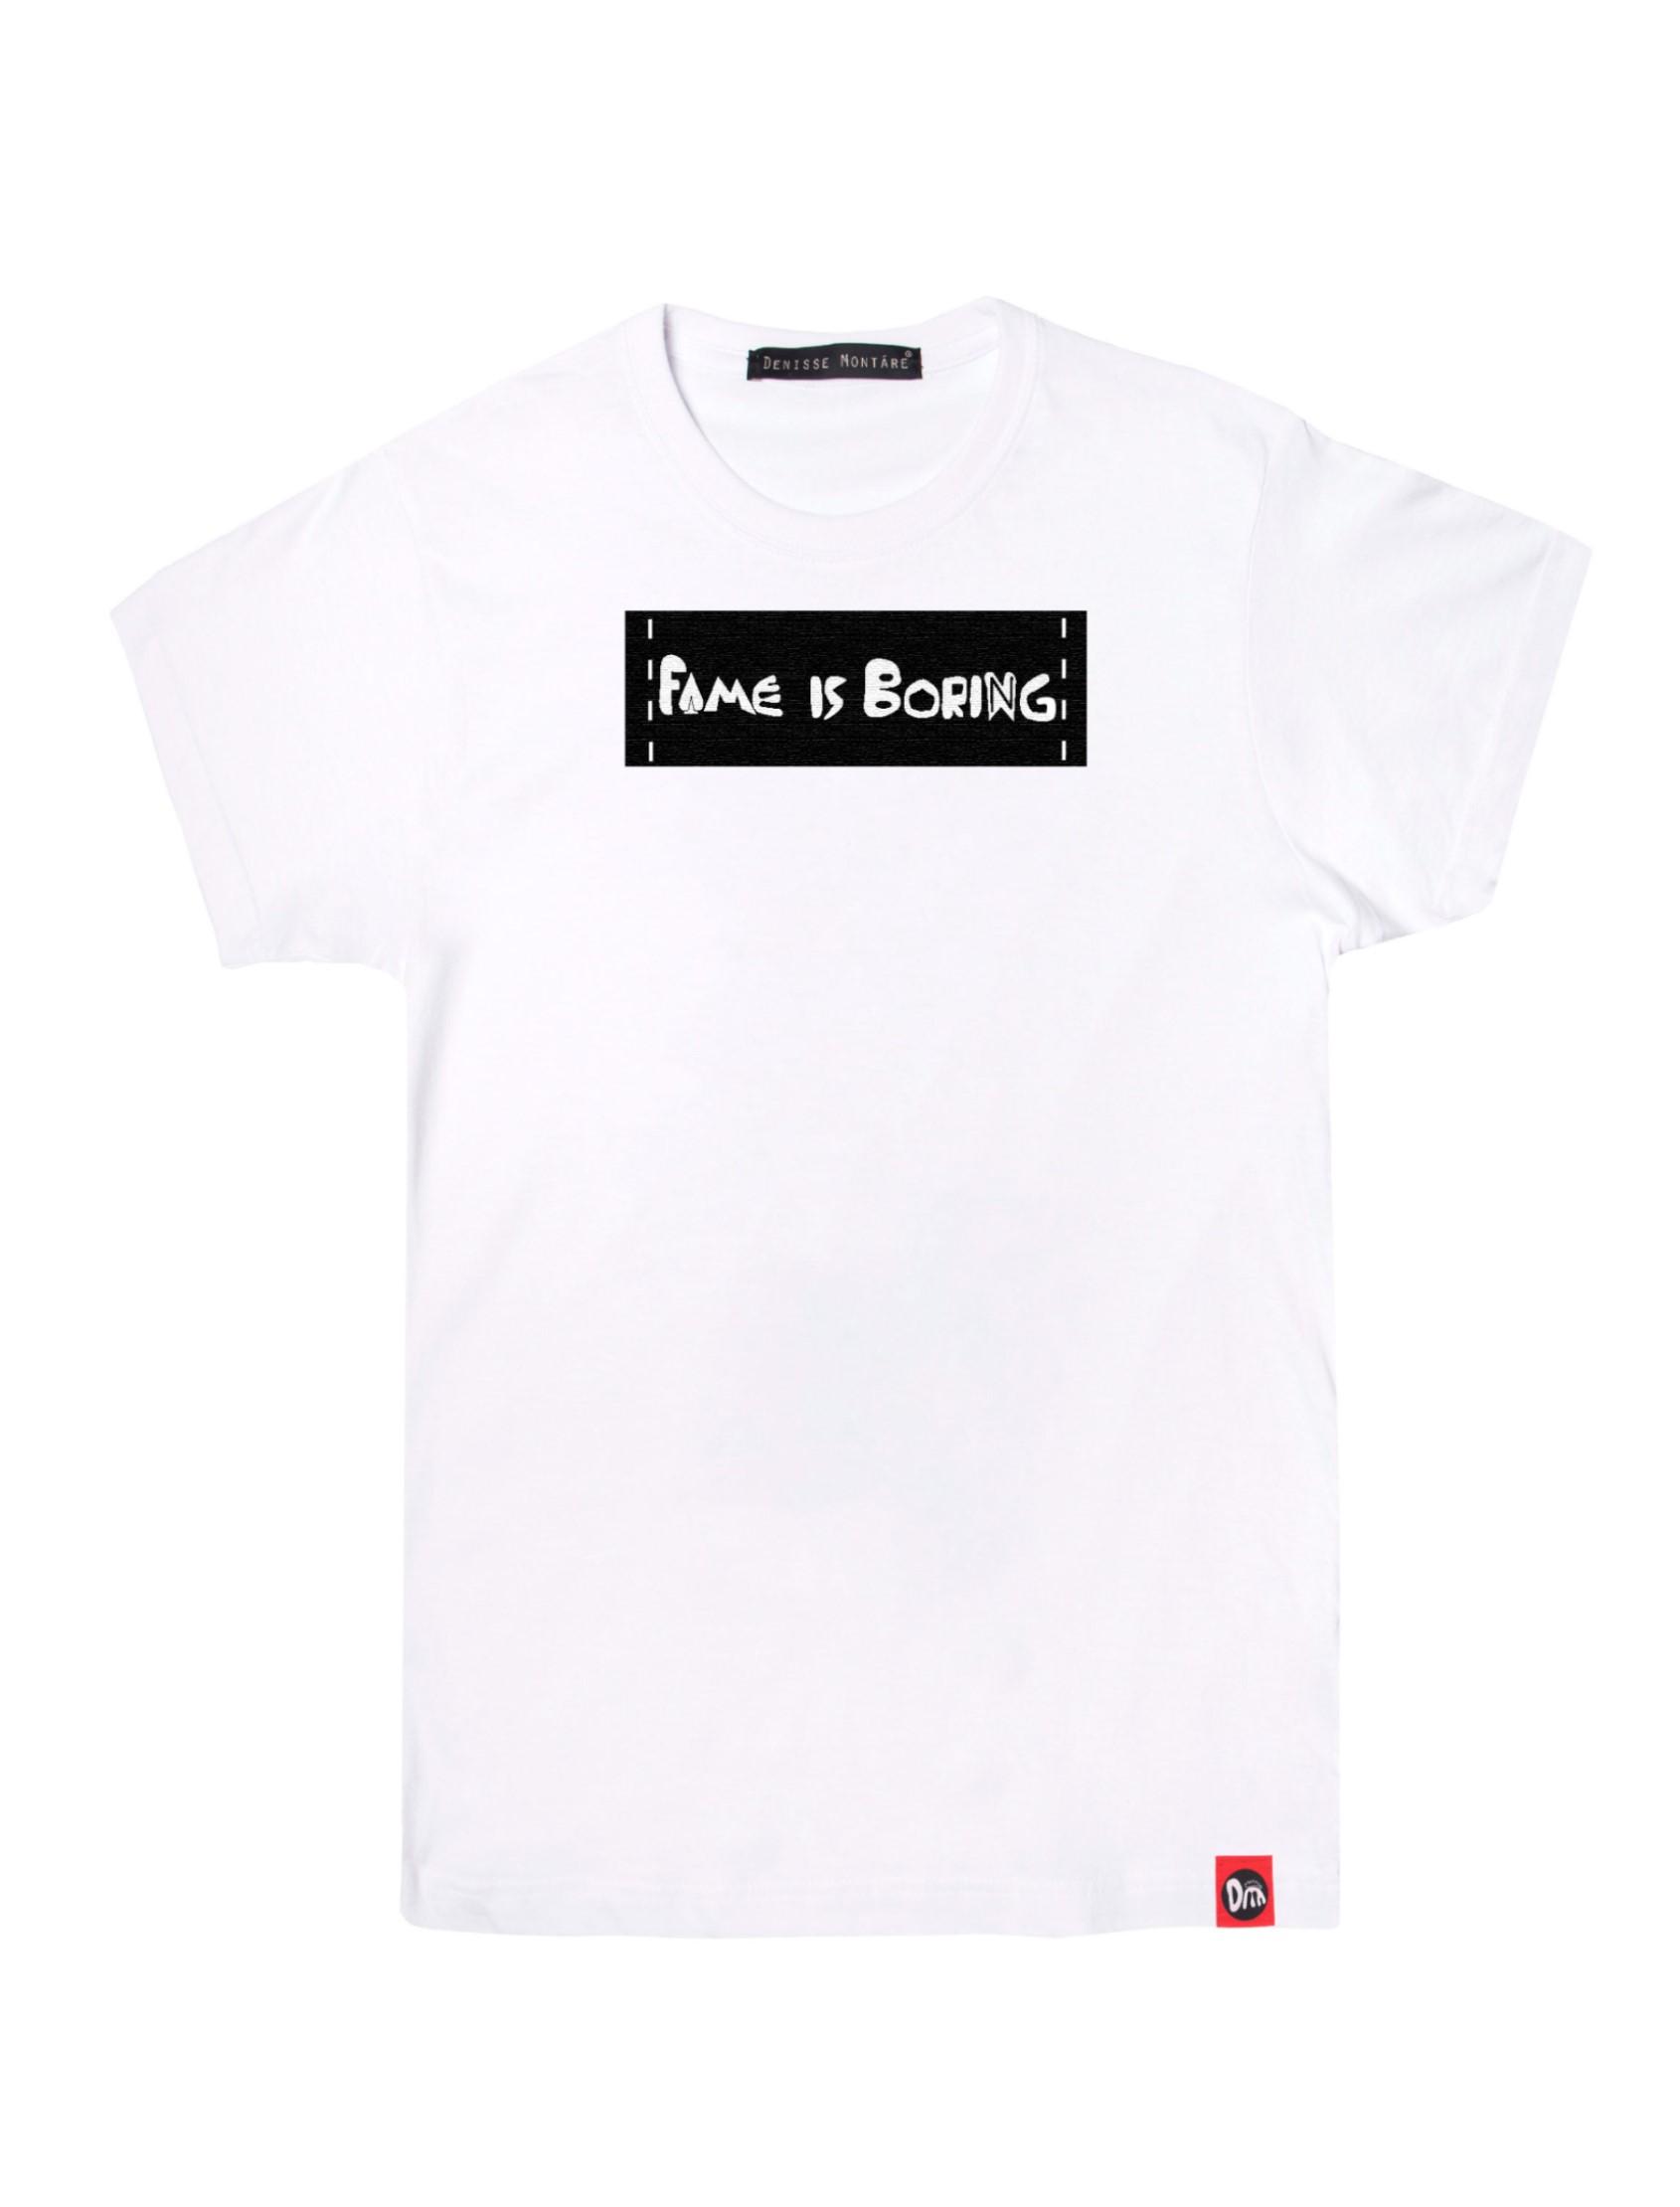 camisetaFAMEISBORING_01